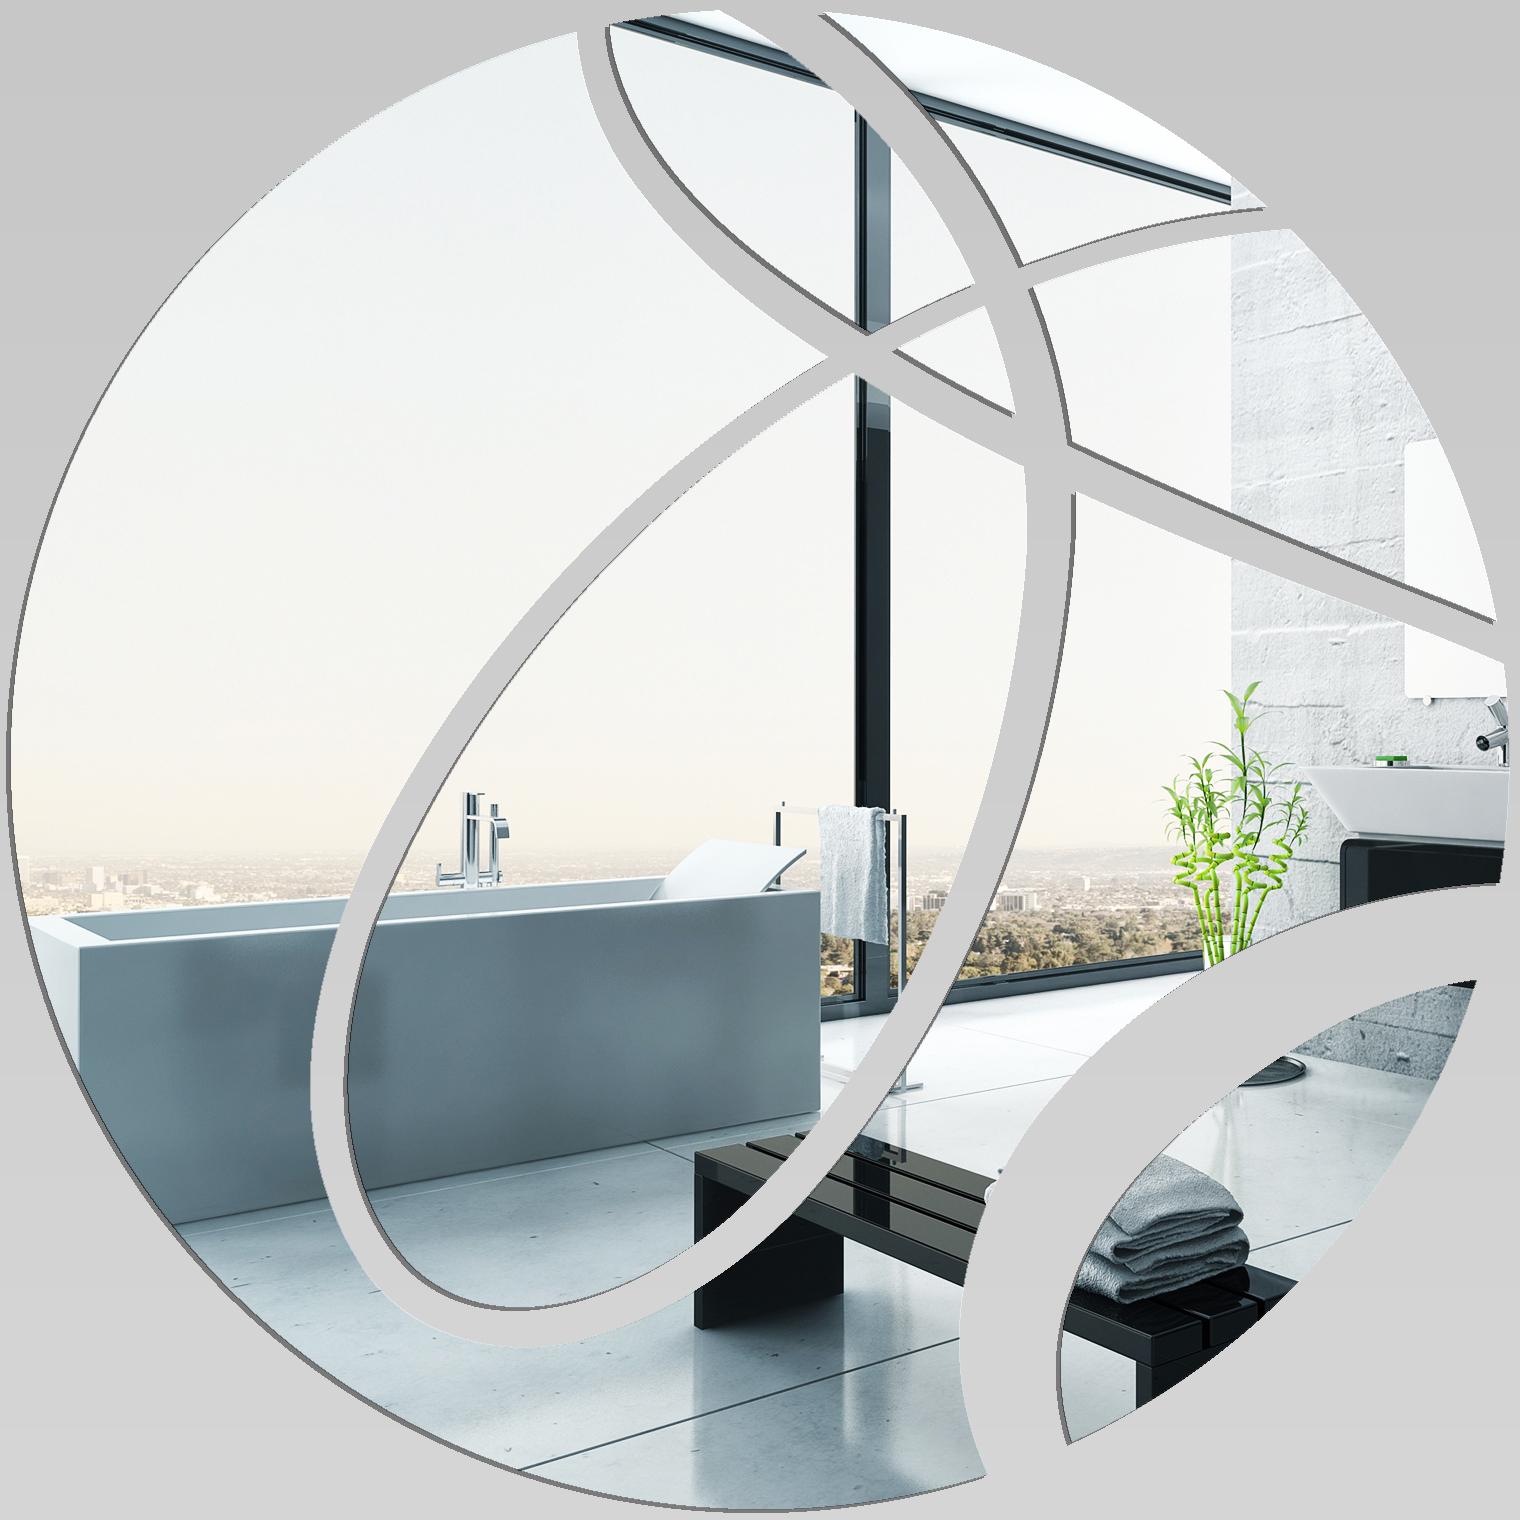 Adesivi follia specchio acrilico plexiglass cerchi - Plexiglass a specchio ...